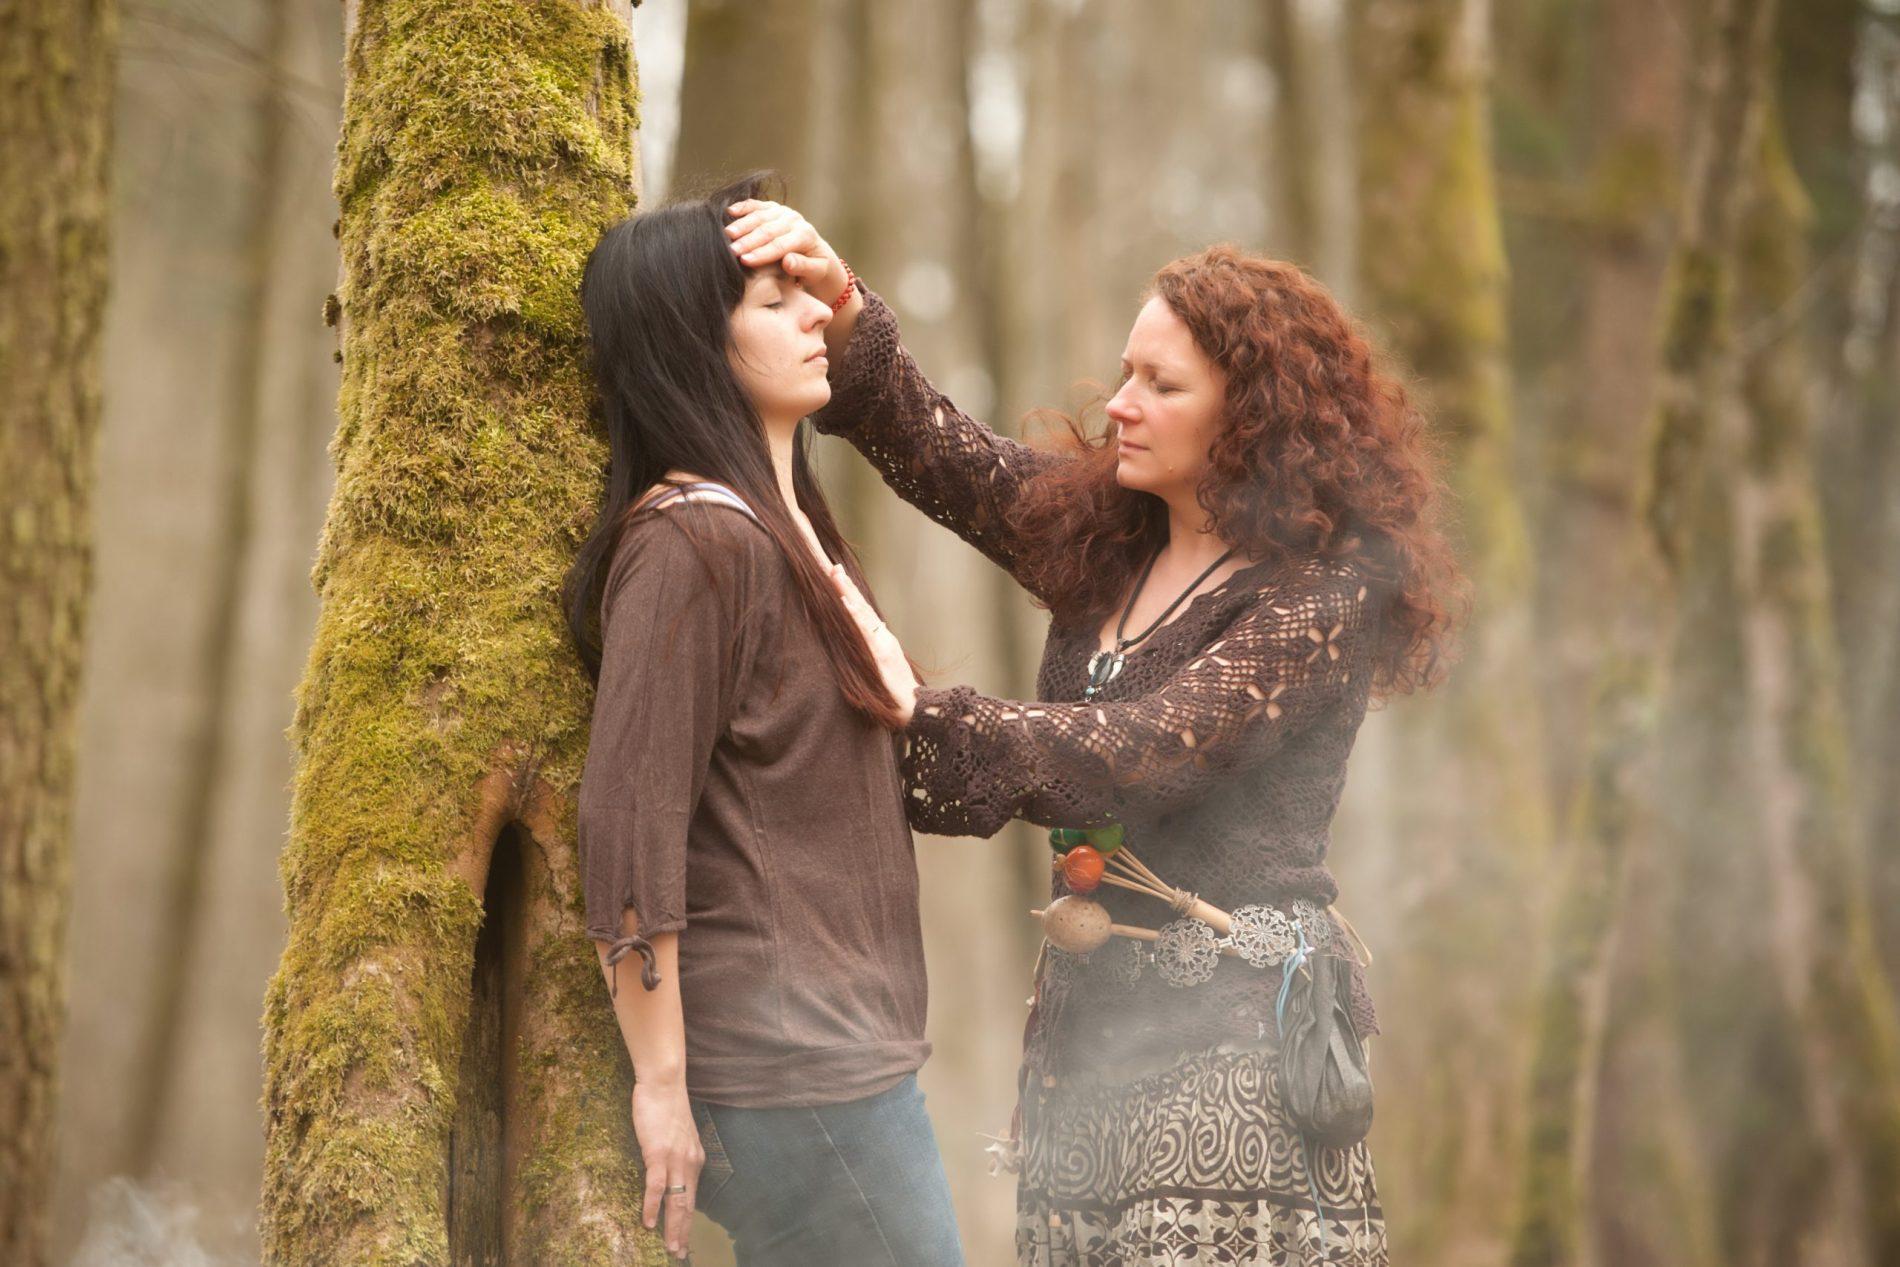 Behandlung im Wald